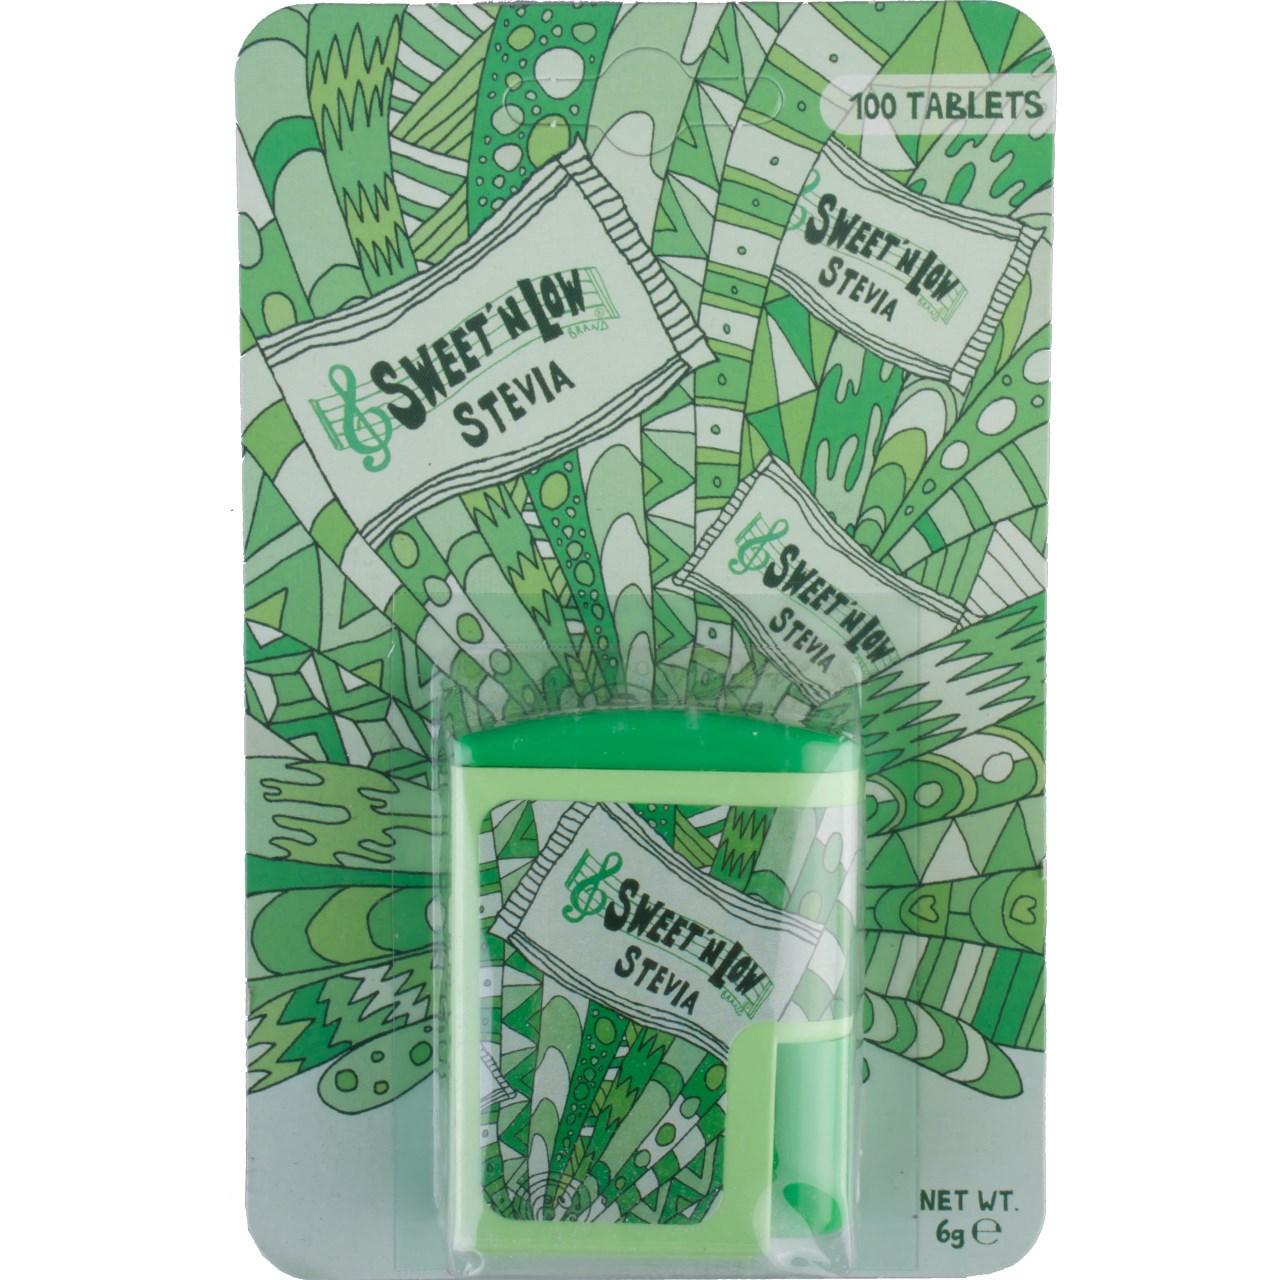 قرص شیرین کننده سوئیت اند لو مدل Stevia  بسته 100 عددی